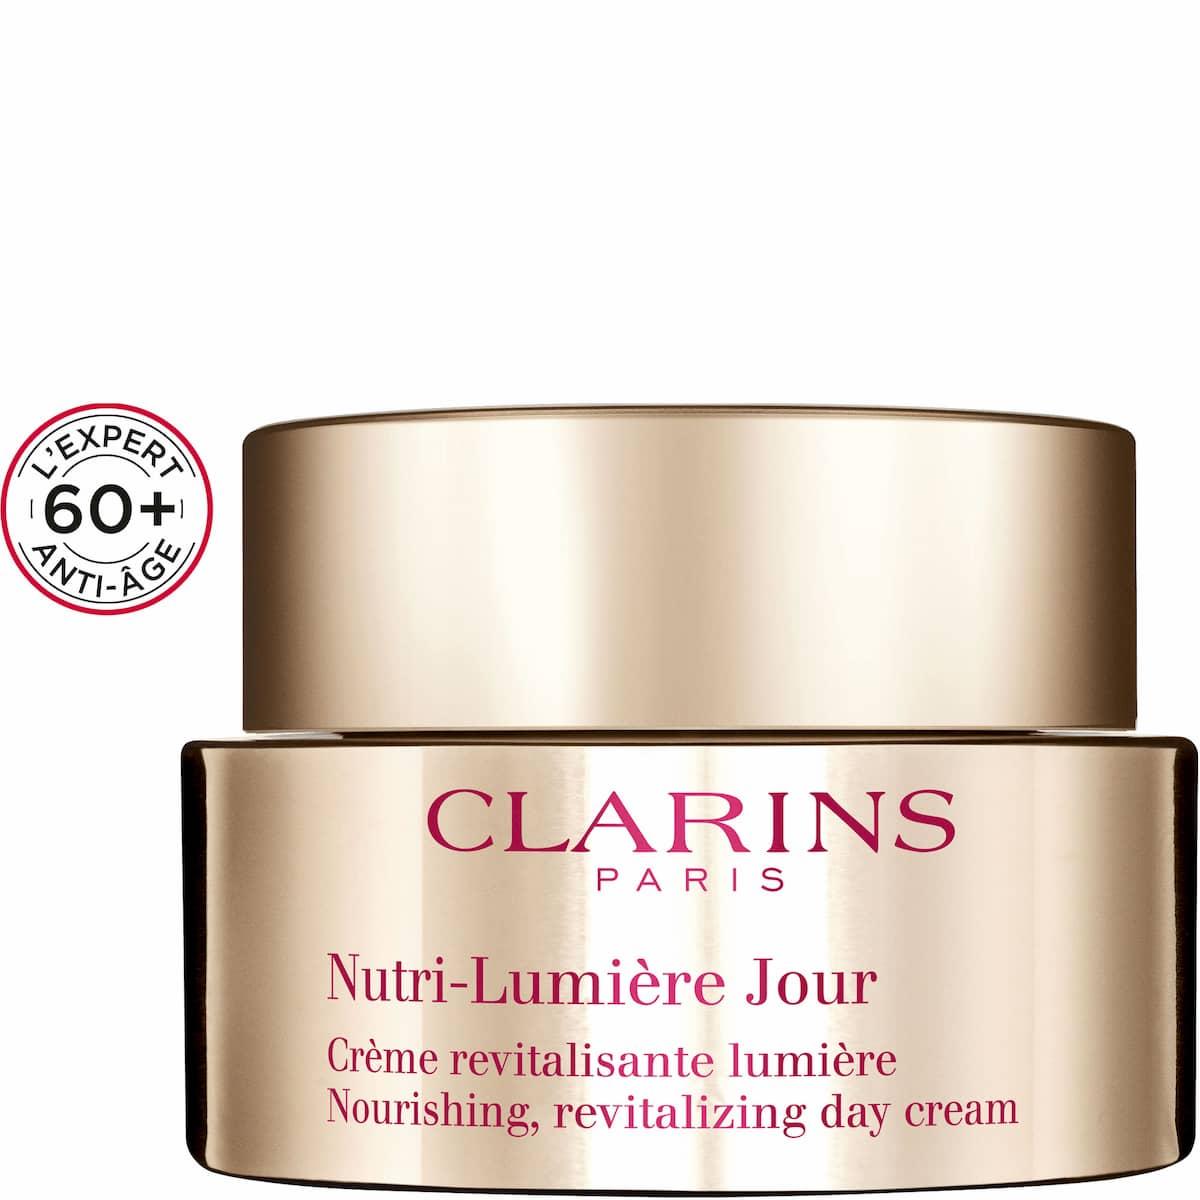 Crème Nutri-Lumière Jour - CLARINS